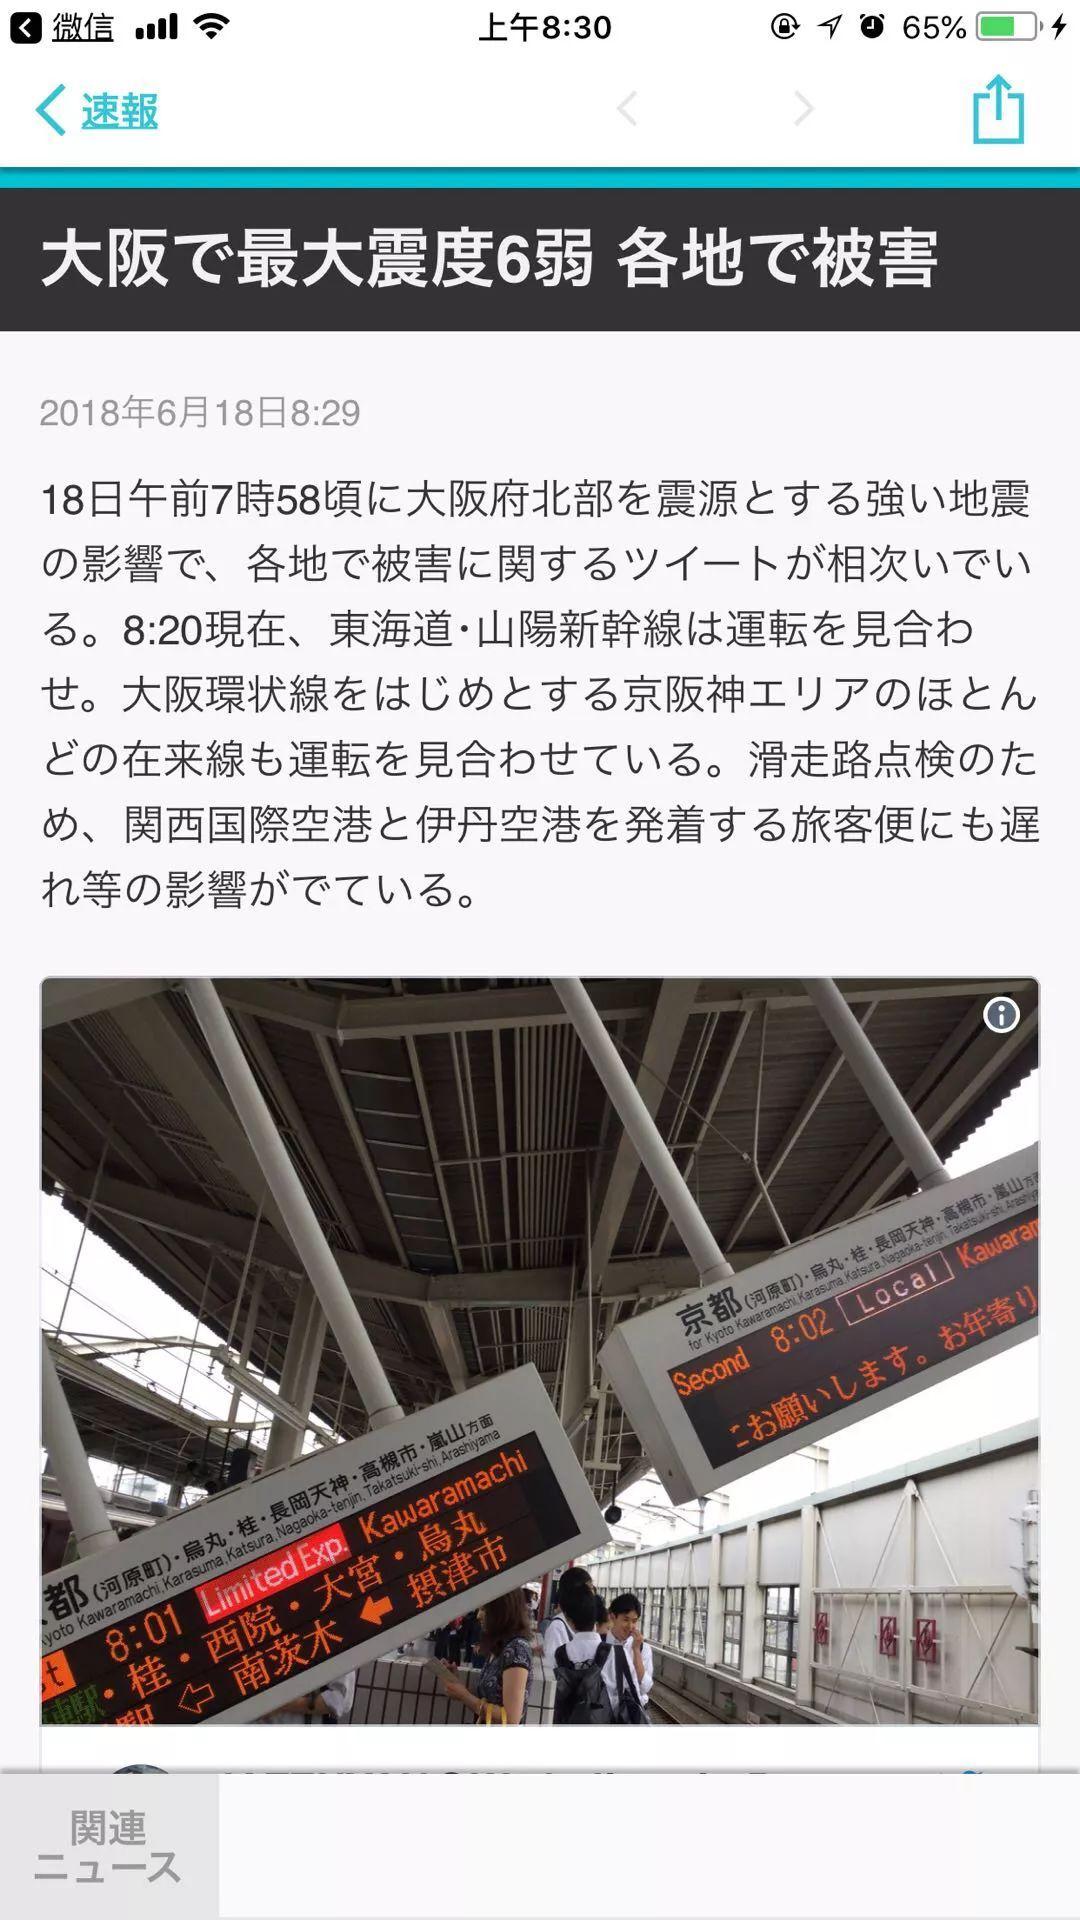 大阪6级地震过后,现在去日本旅行安全吗?